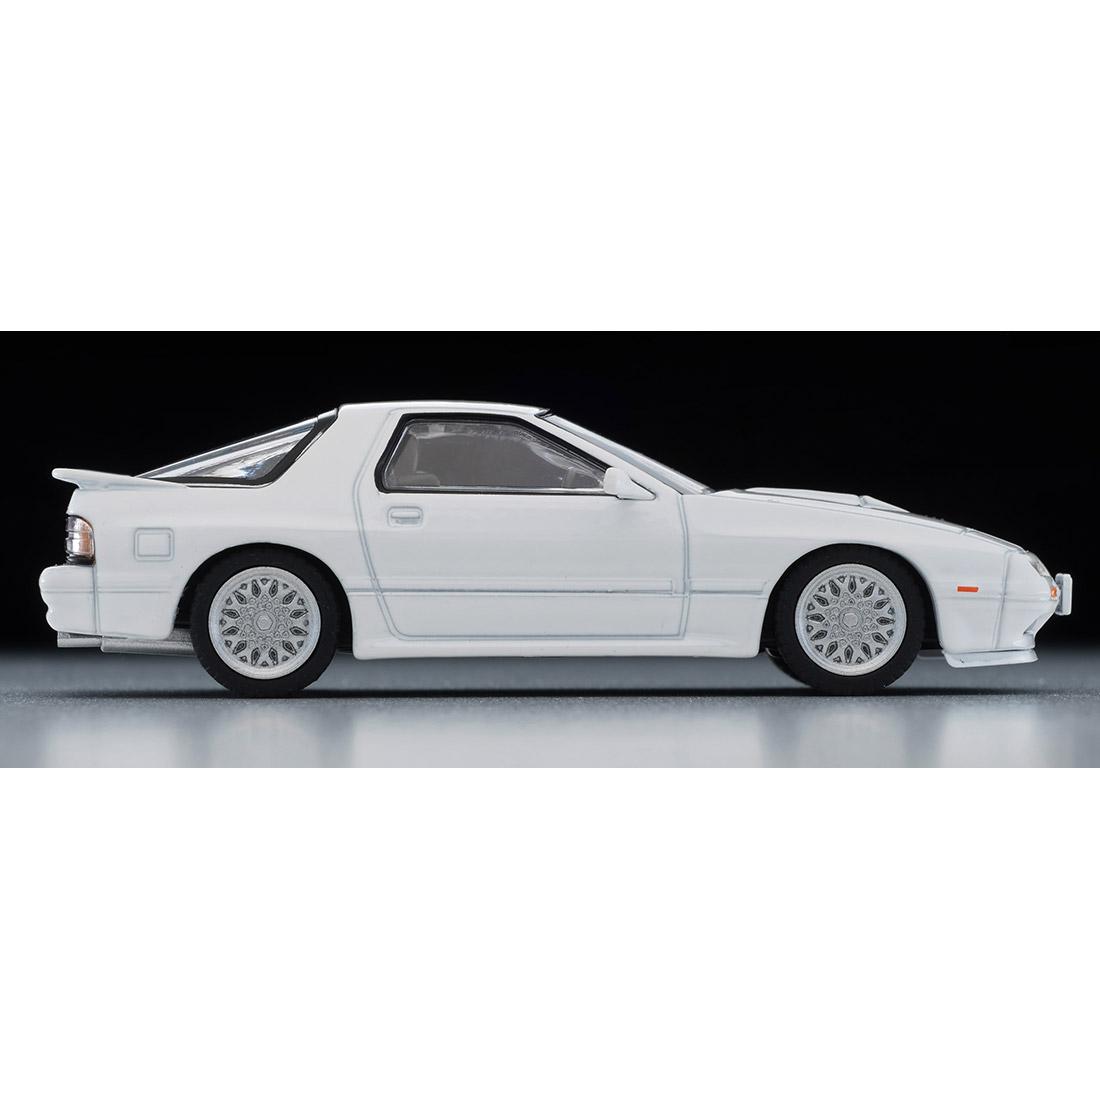 トミカリミテッドヴィンテージ ネオ『LV-N192c マツダ サバンナRX-7 アンフィニ (白)』ミニカー-007